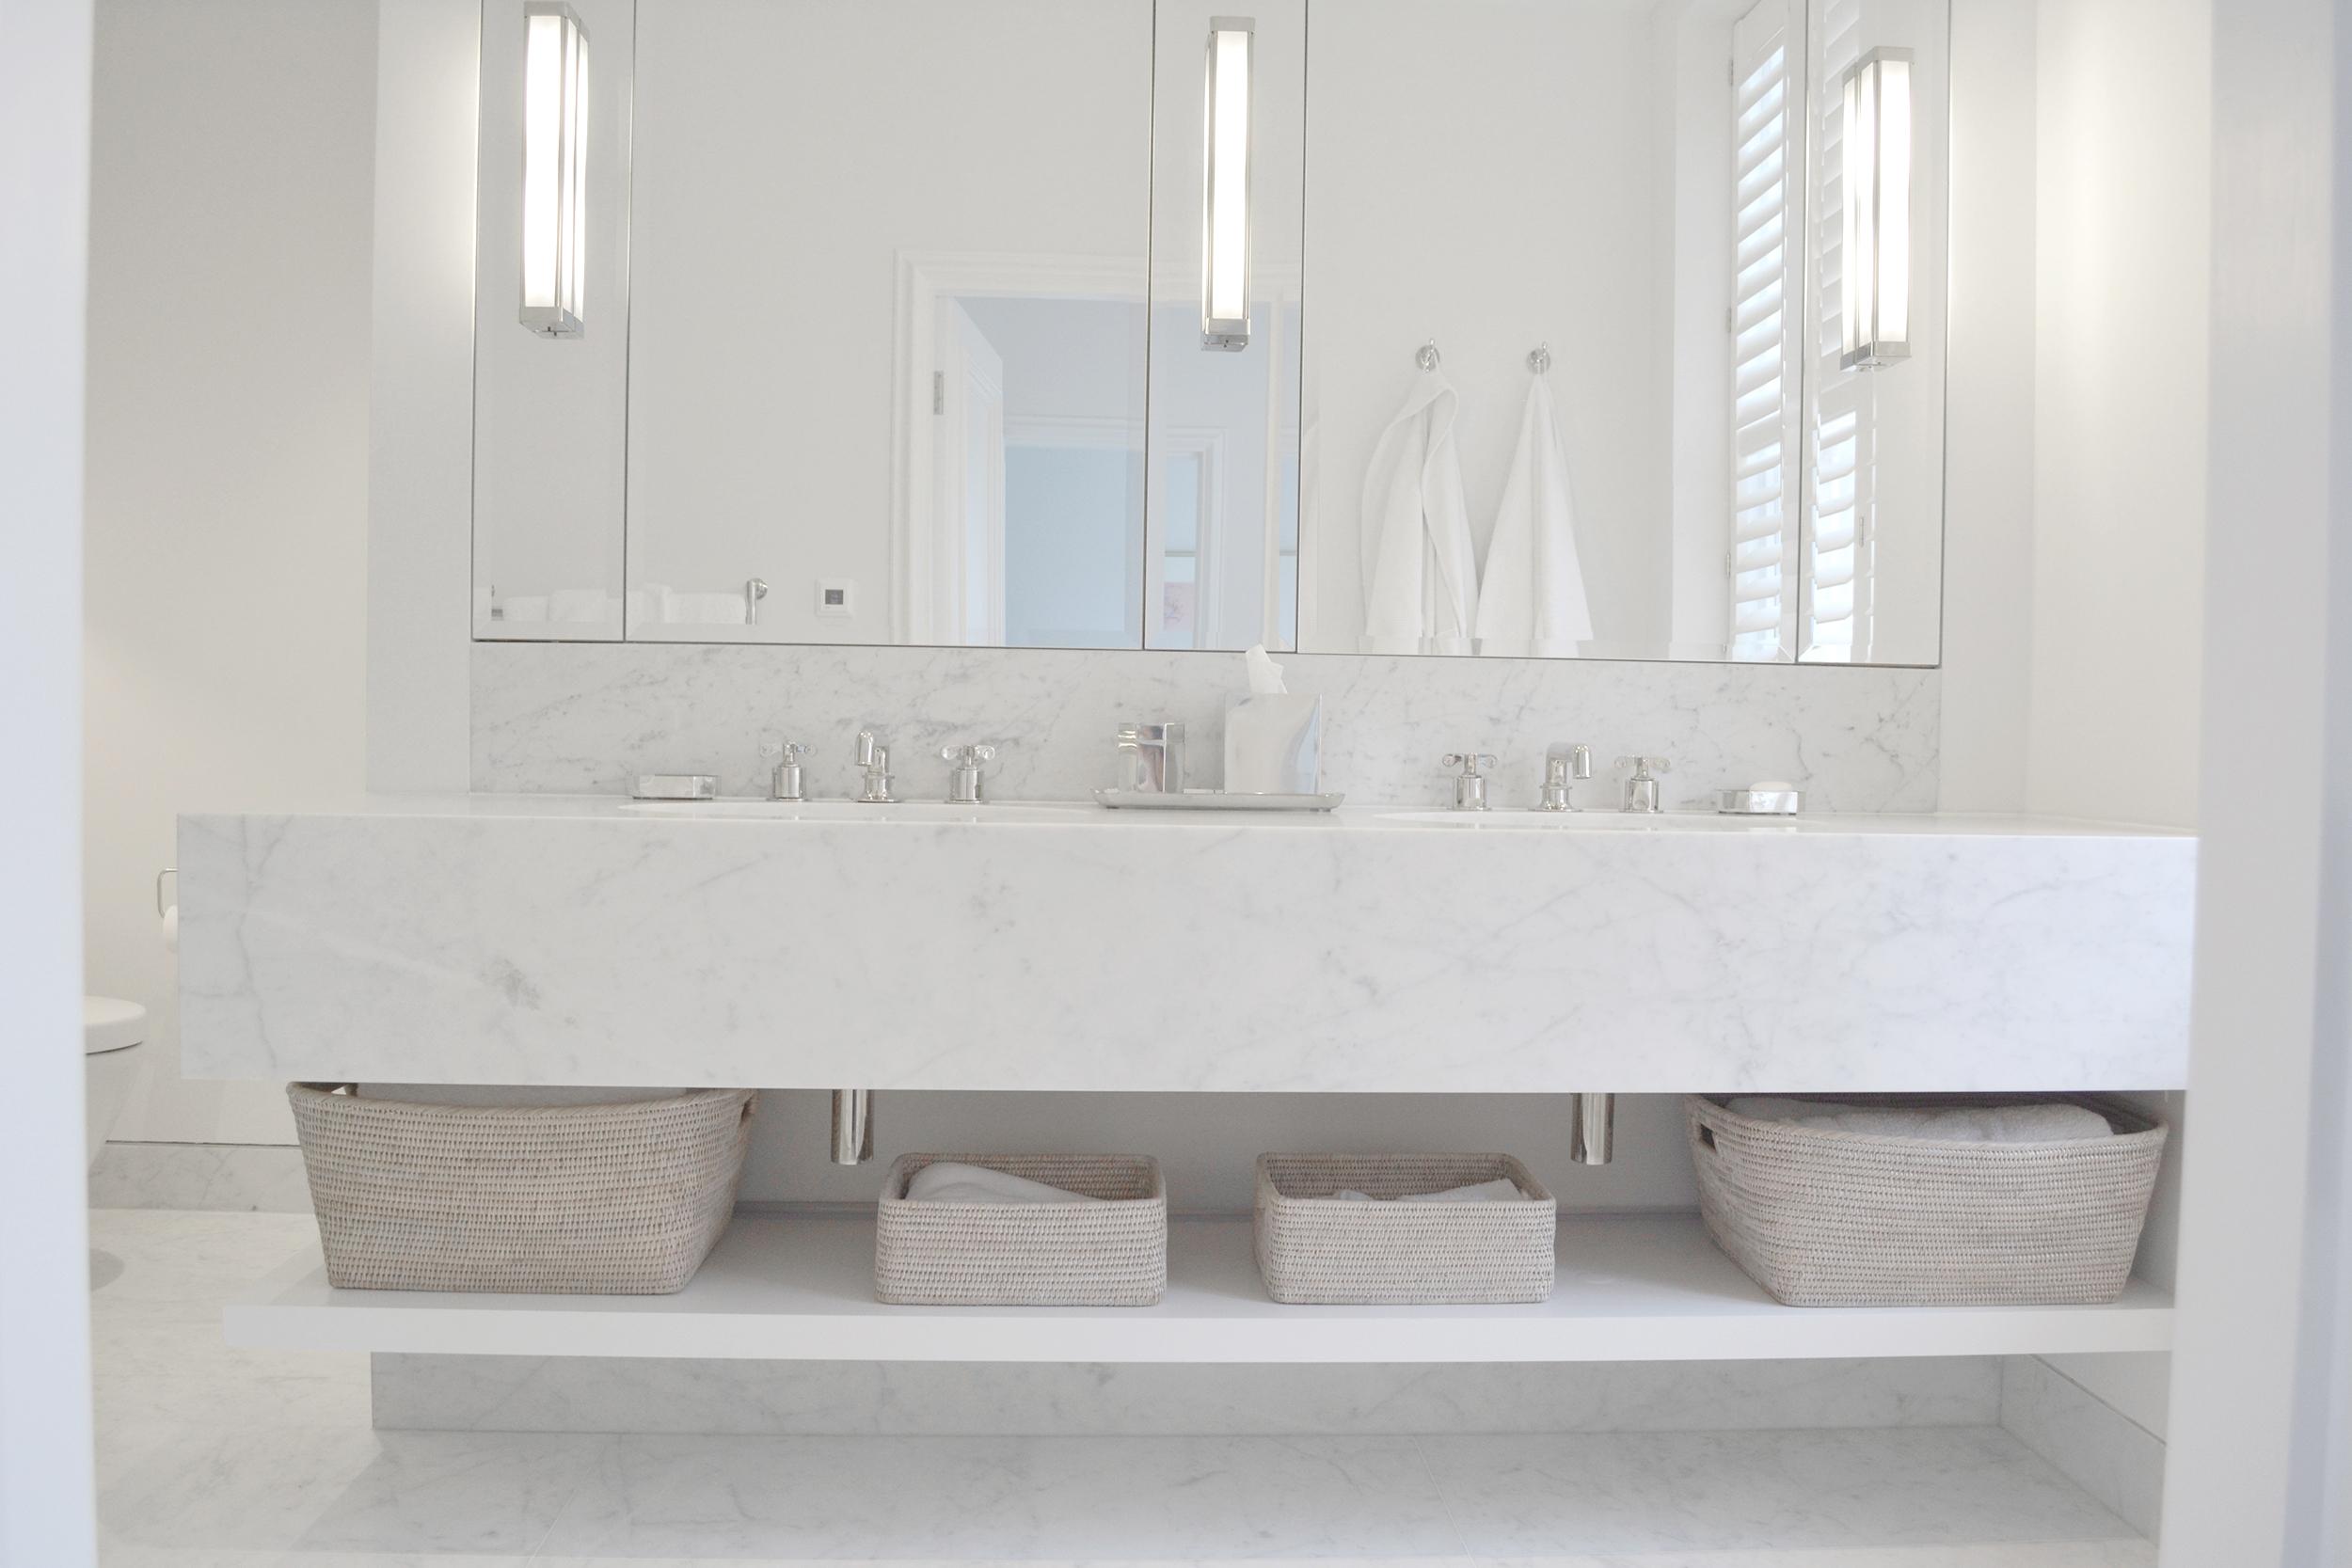 Natalia Design- Residential Interior Design